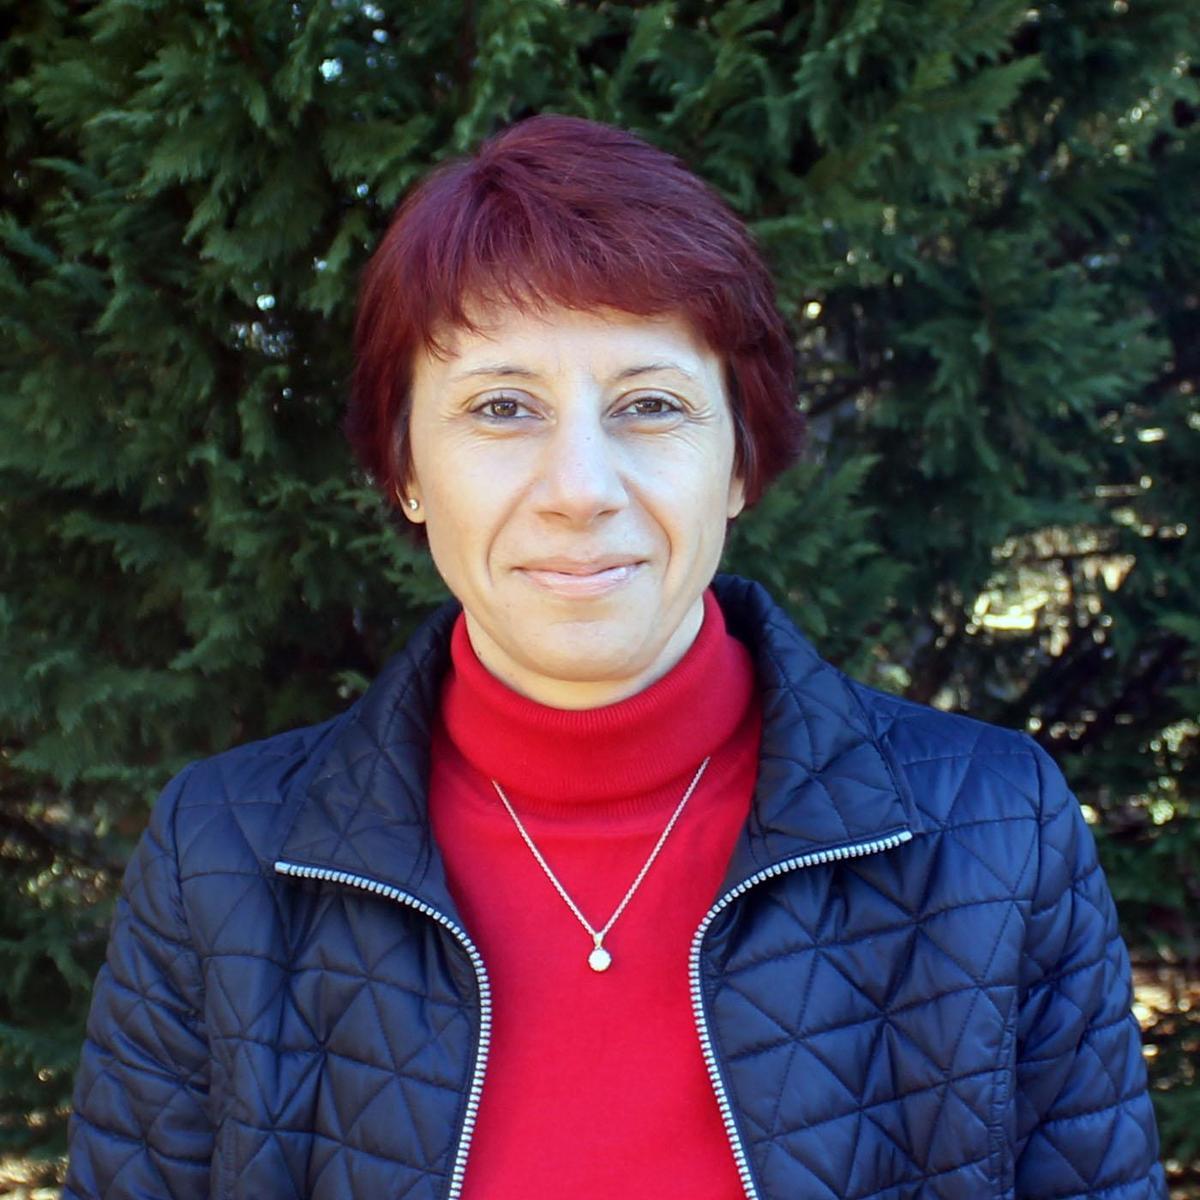 Headshot of Jasmina Bratic